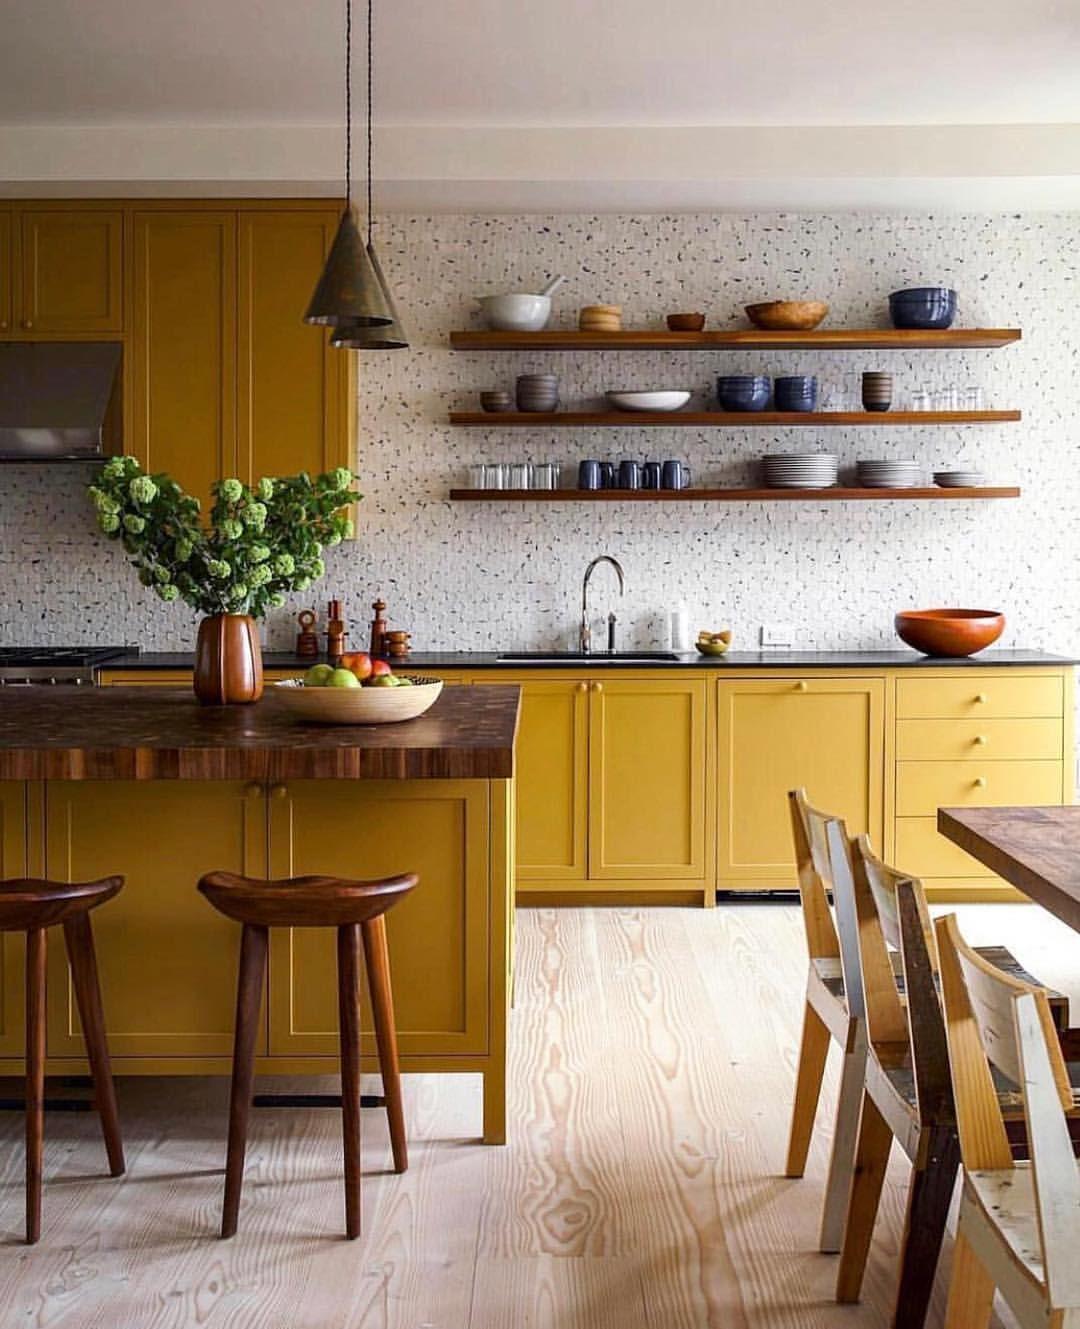 Idée décoration intérieure maison - déco cuisine ouverte - moderne